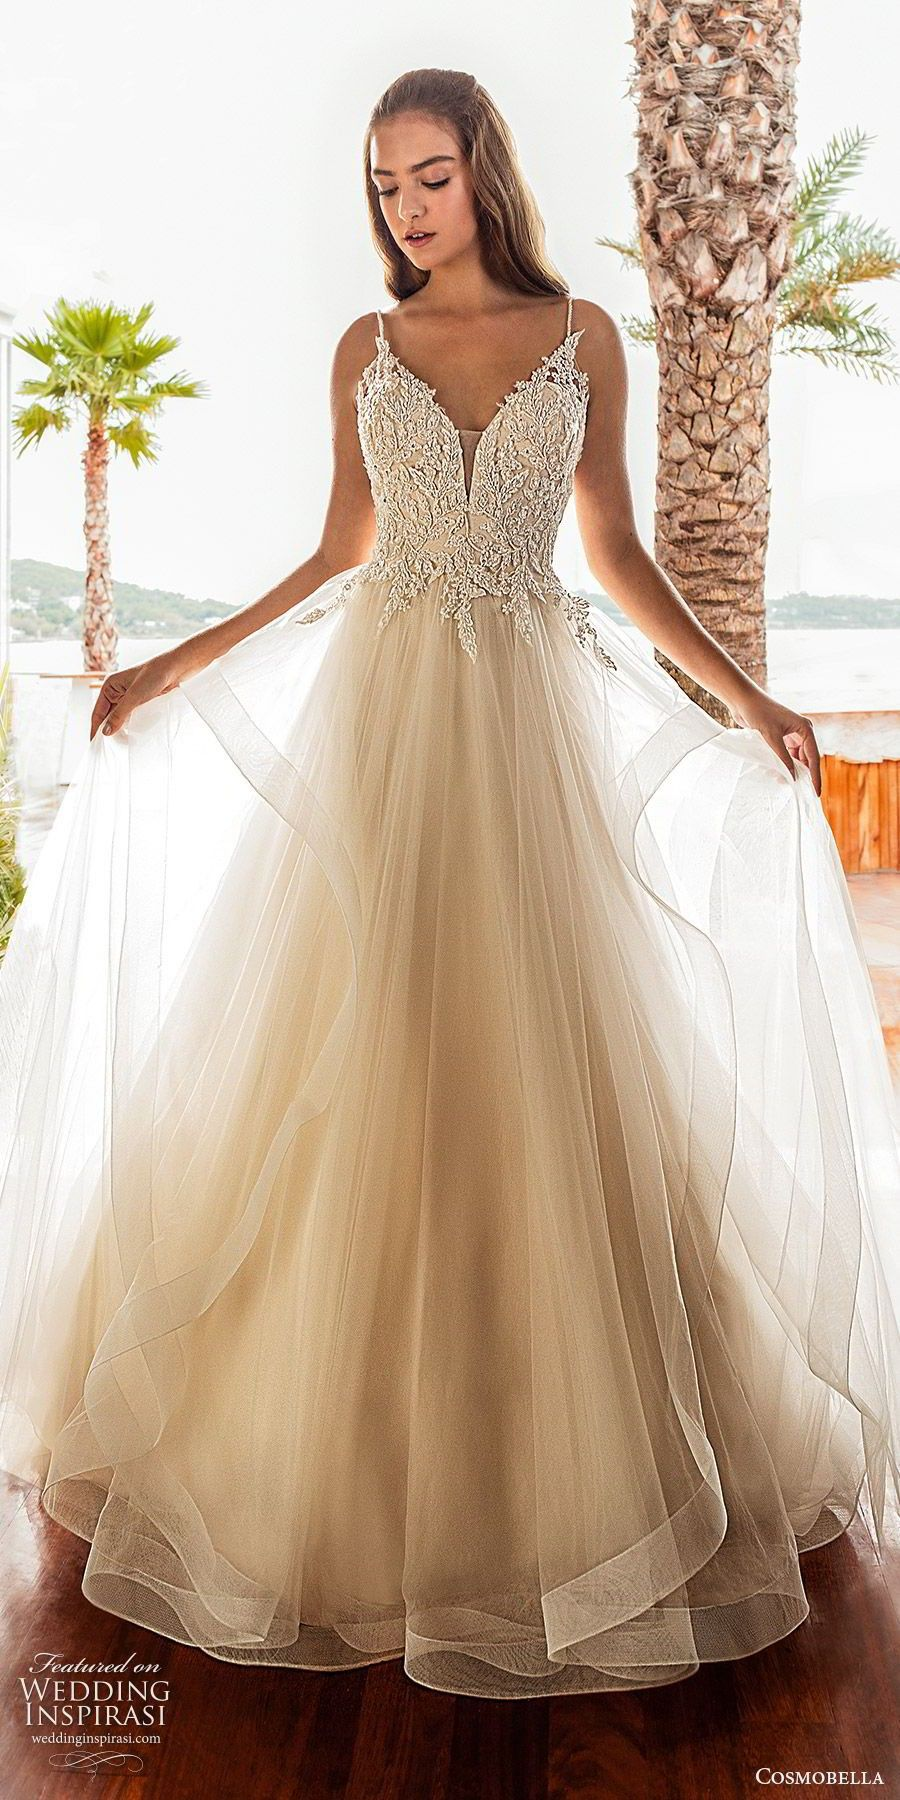 Photo of Cosmobella 2020 wedding dresses